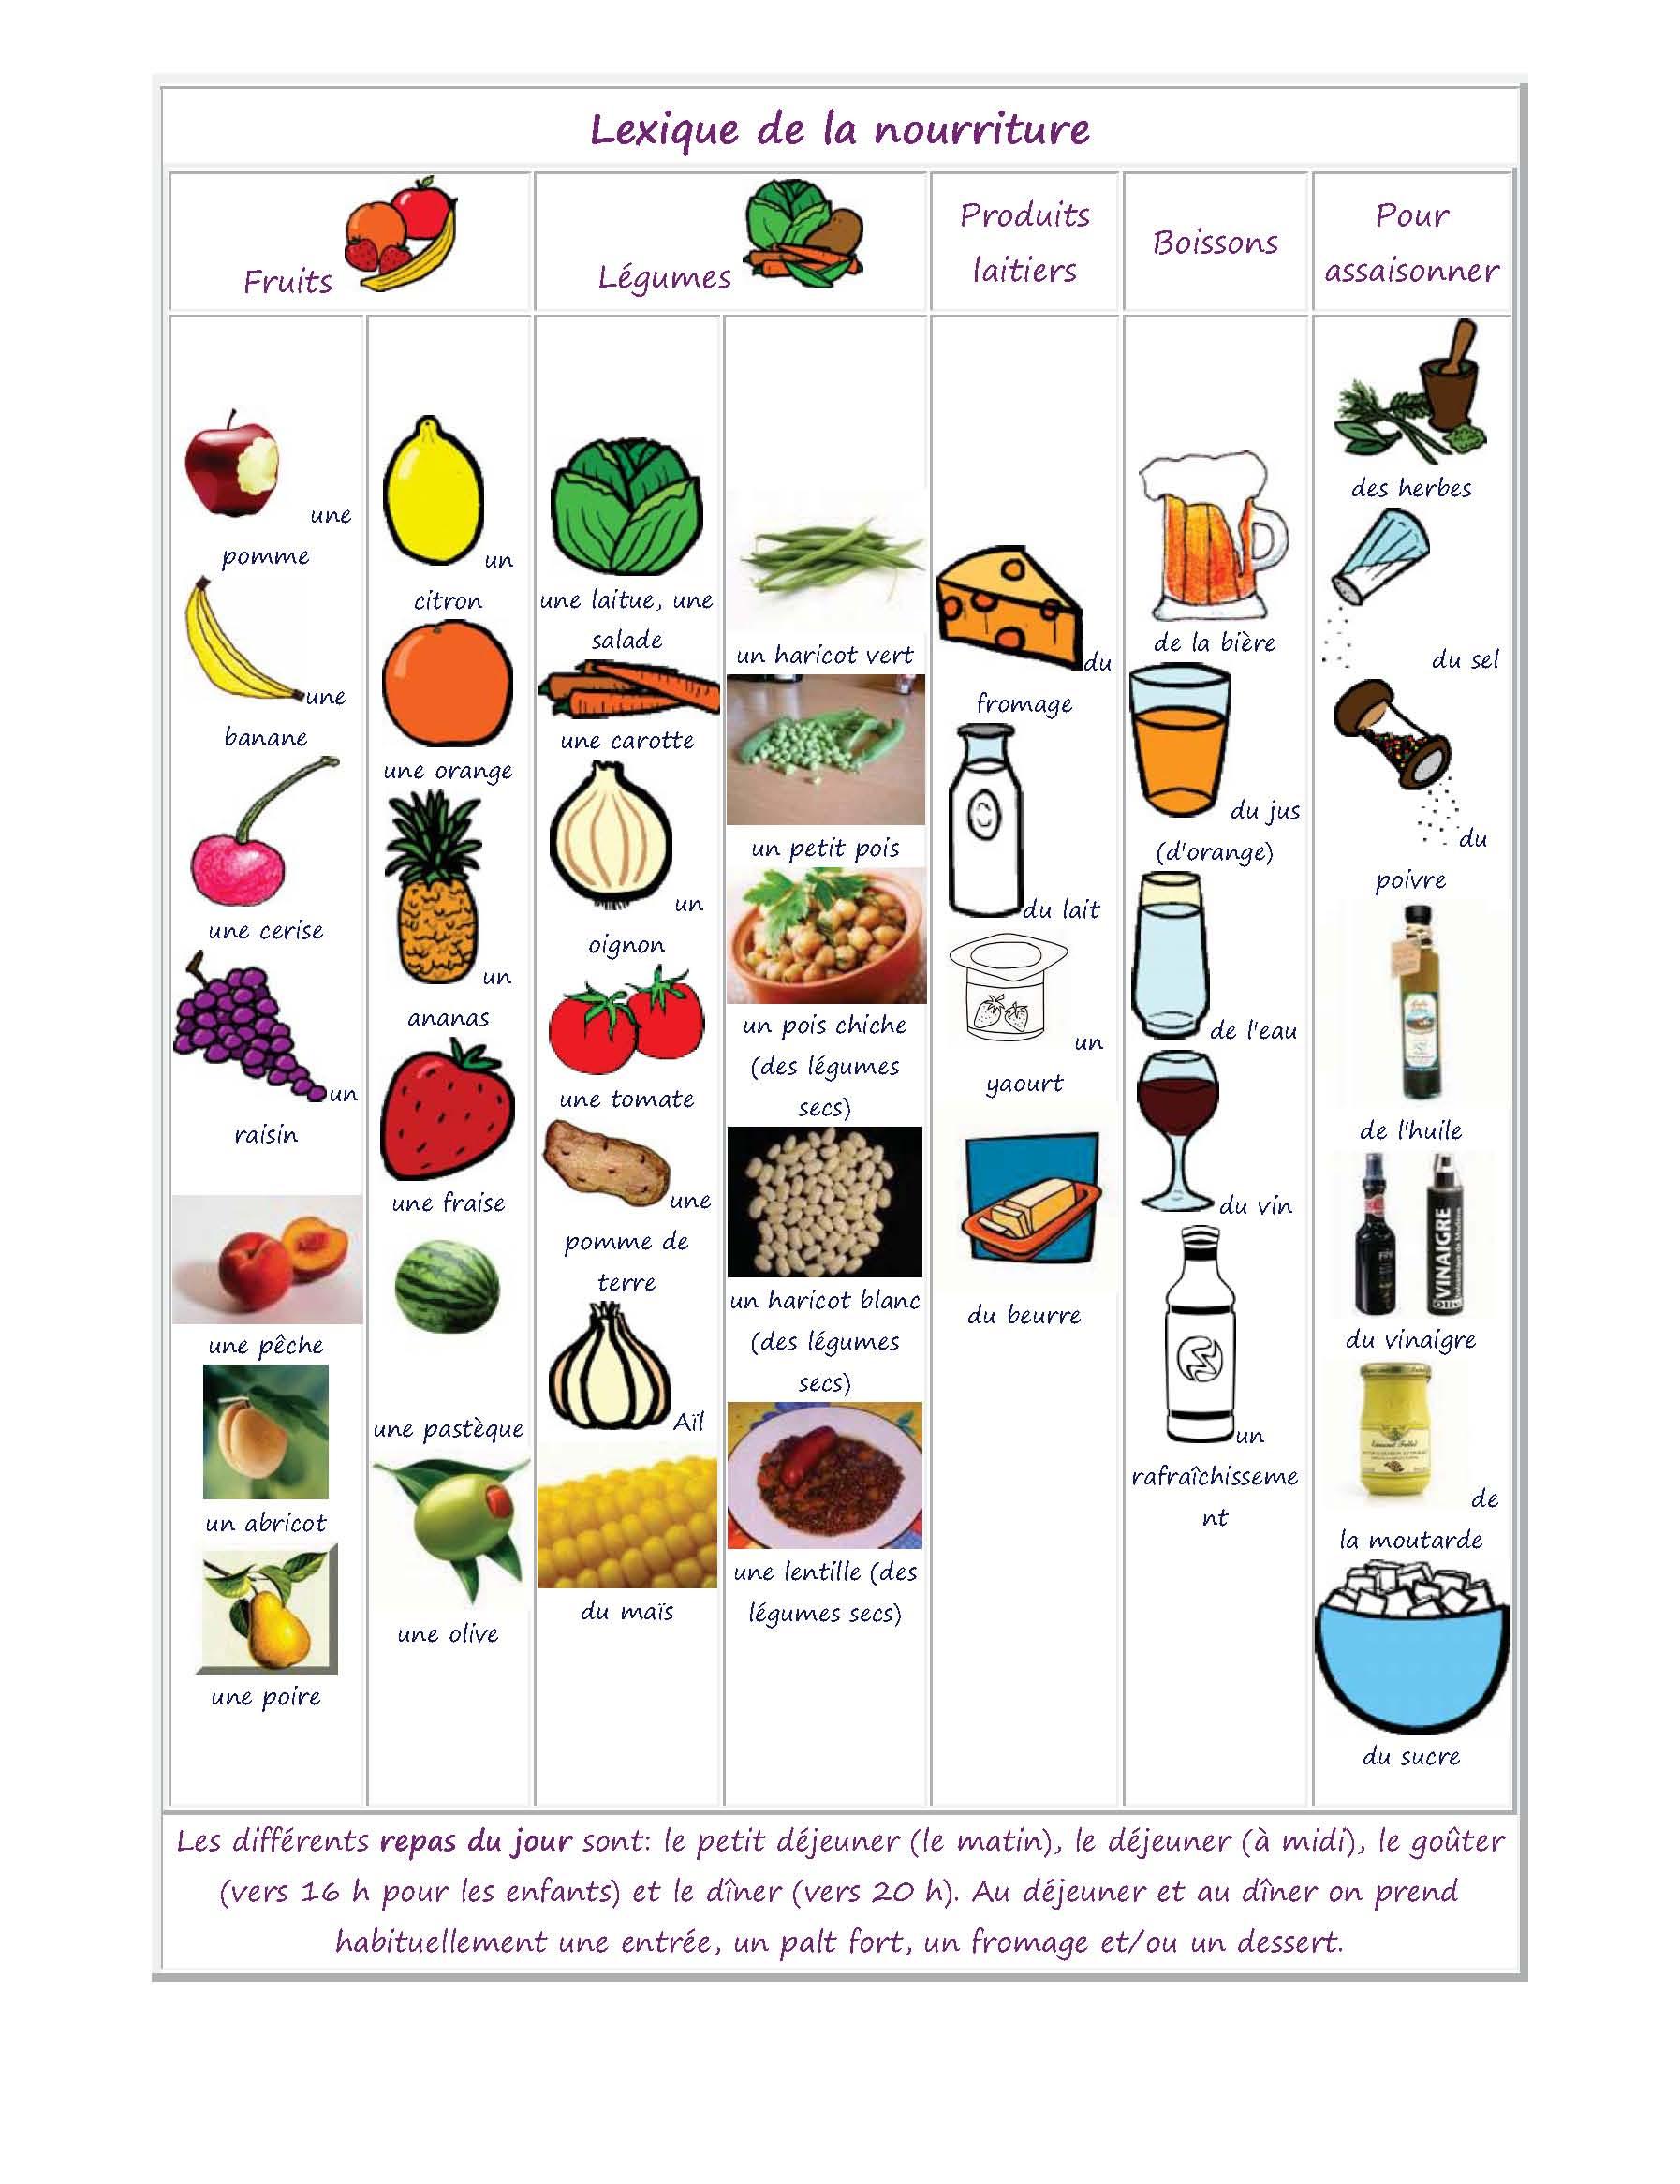 Vocabulaire des aliments de la nourriture et de la - Liste des ustensiles de cuisine ...